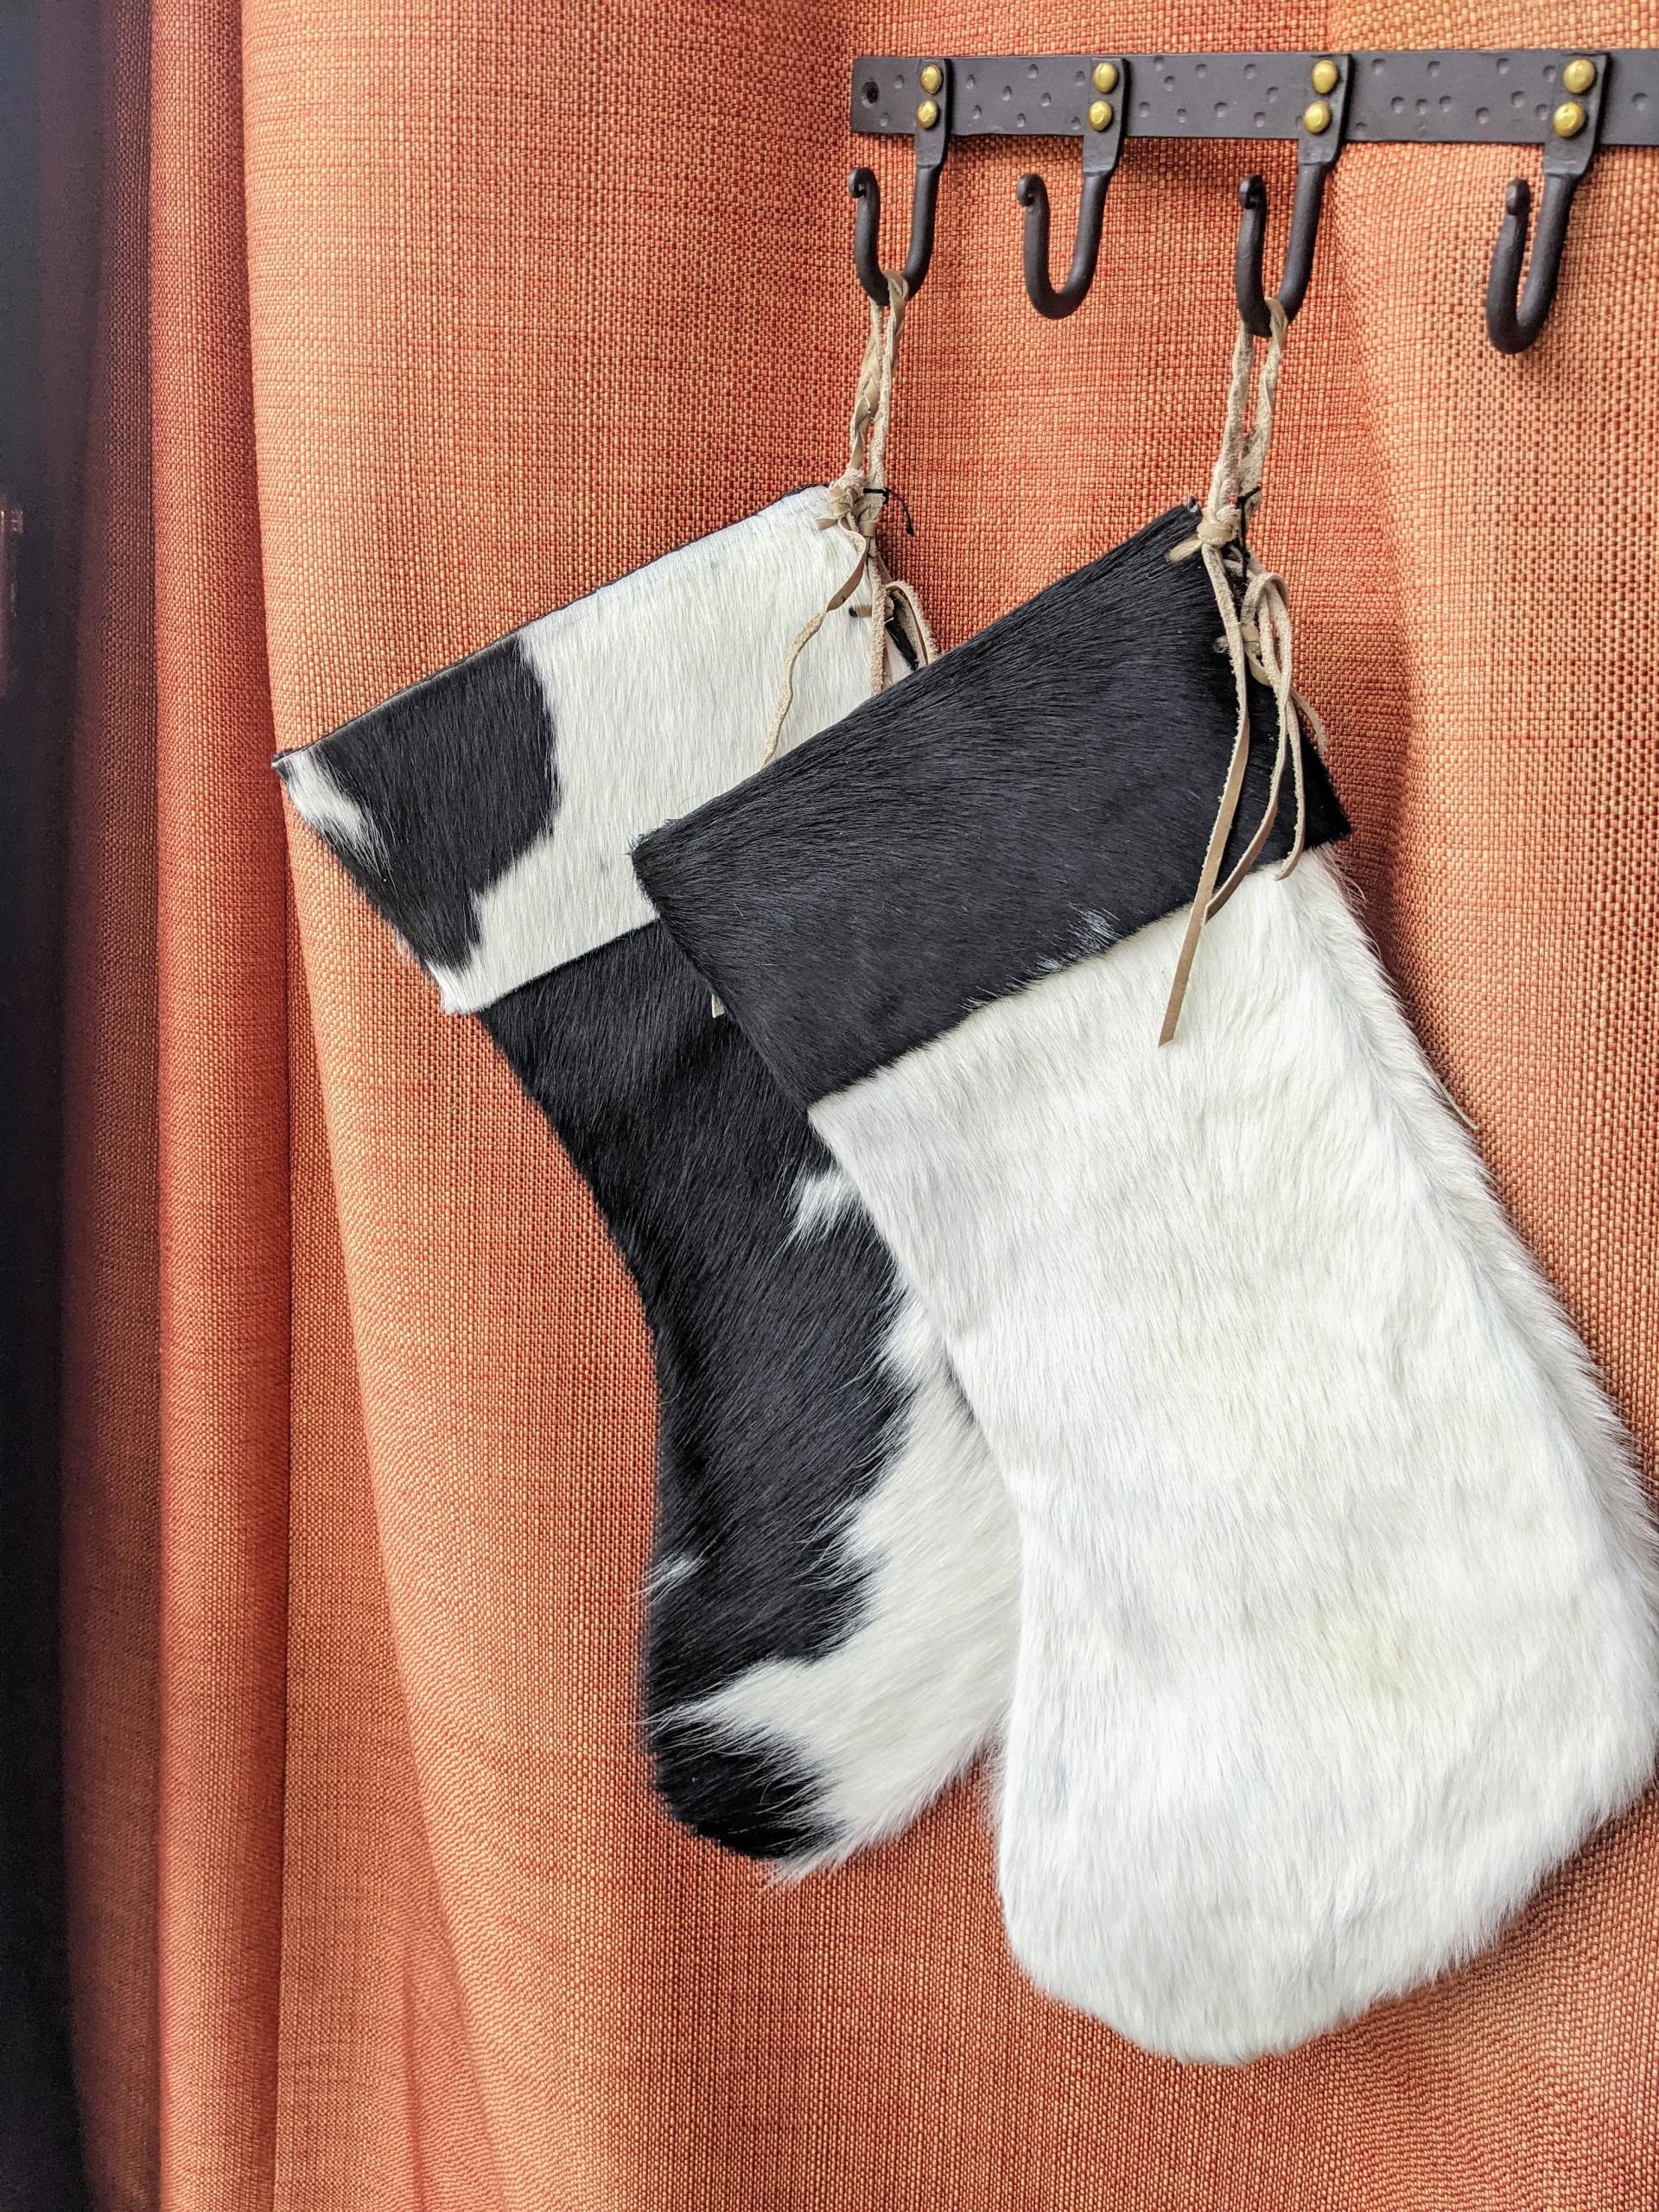 Cowhide Stockings